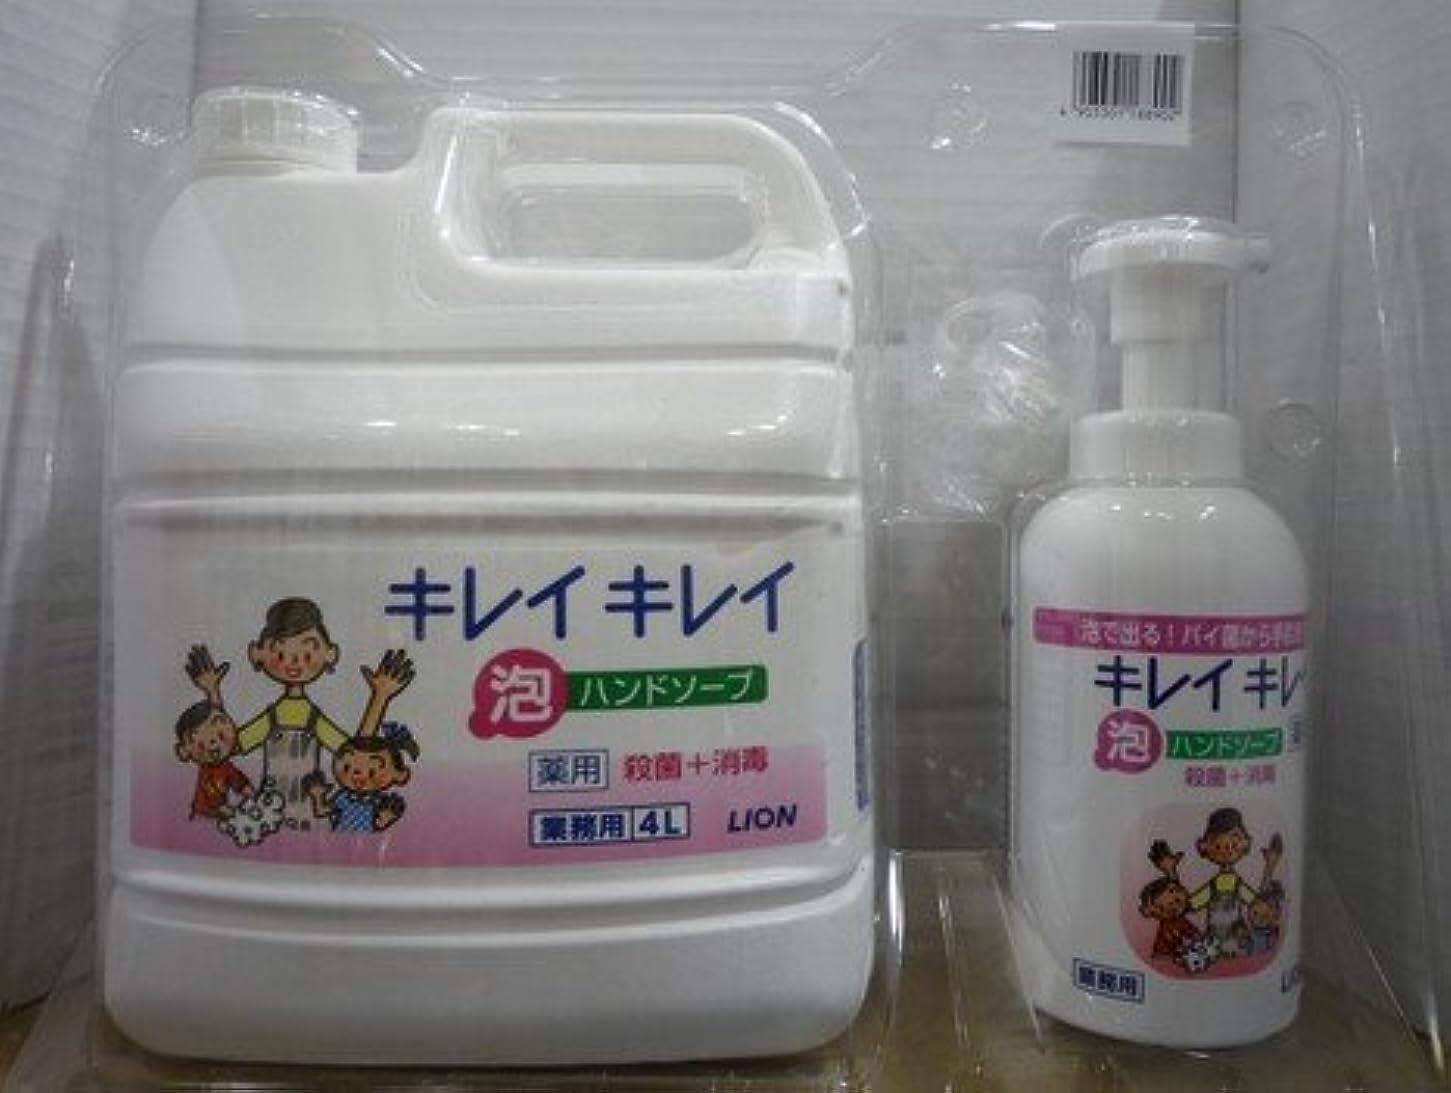 許可トラフィックレイアキレイキレイ 薬用泡ハンドソープ 業務用 4L+キレイキレイ 薬用泡ハンドソープボトル550ml